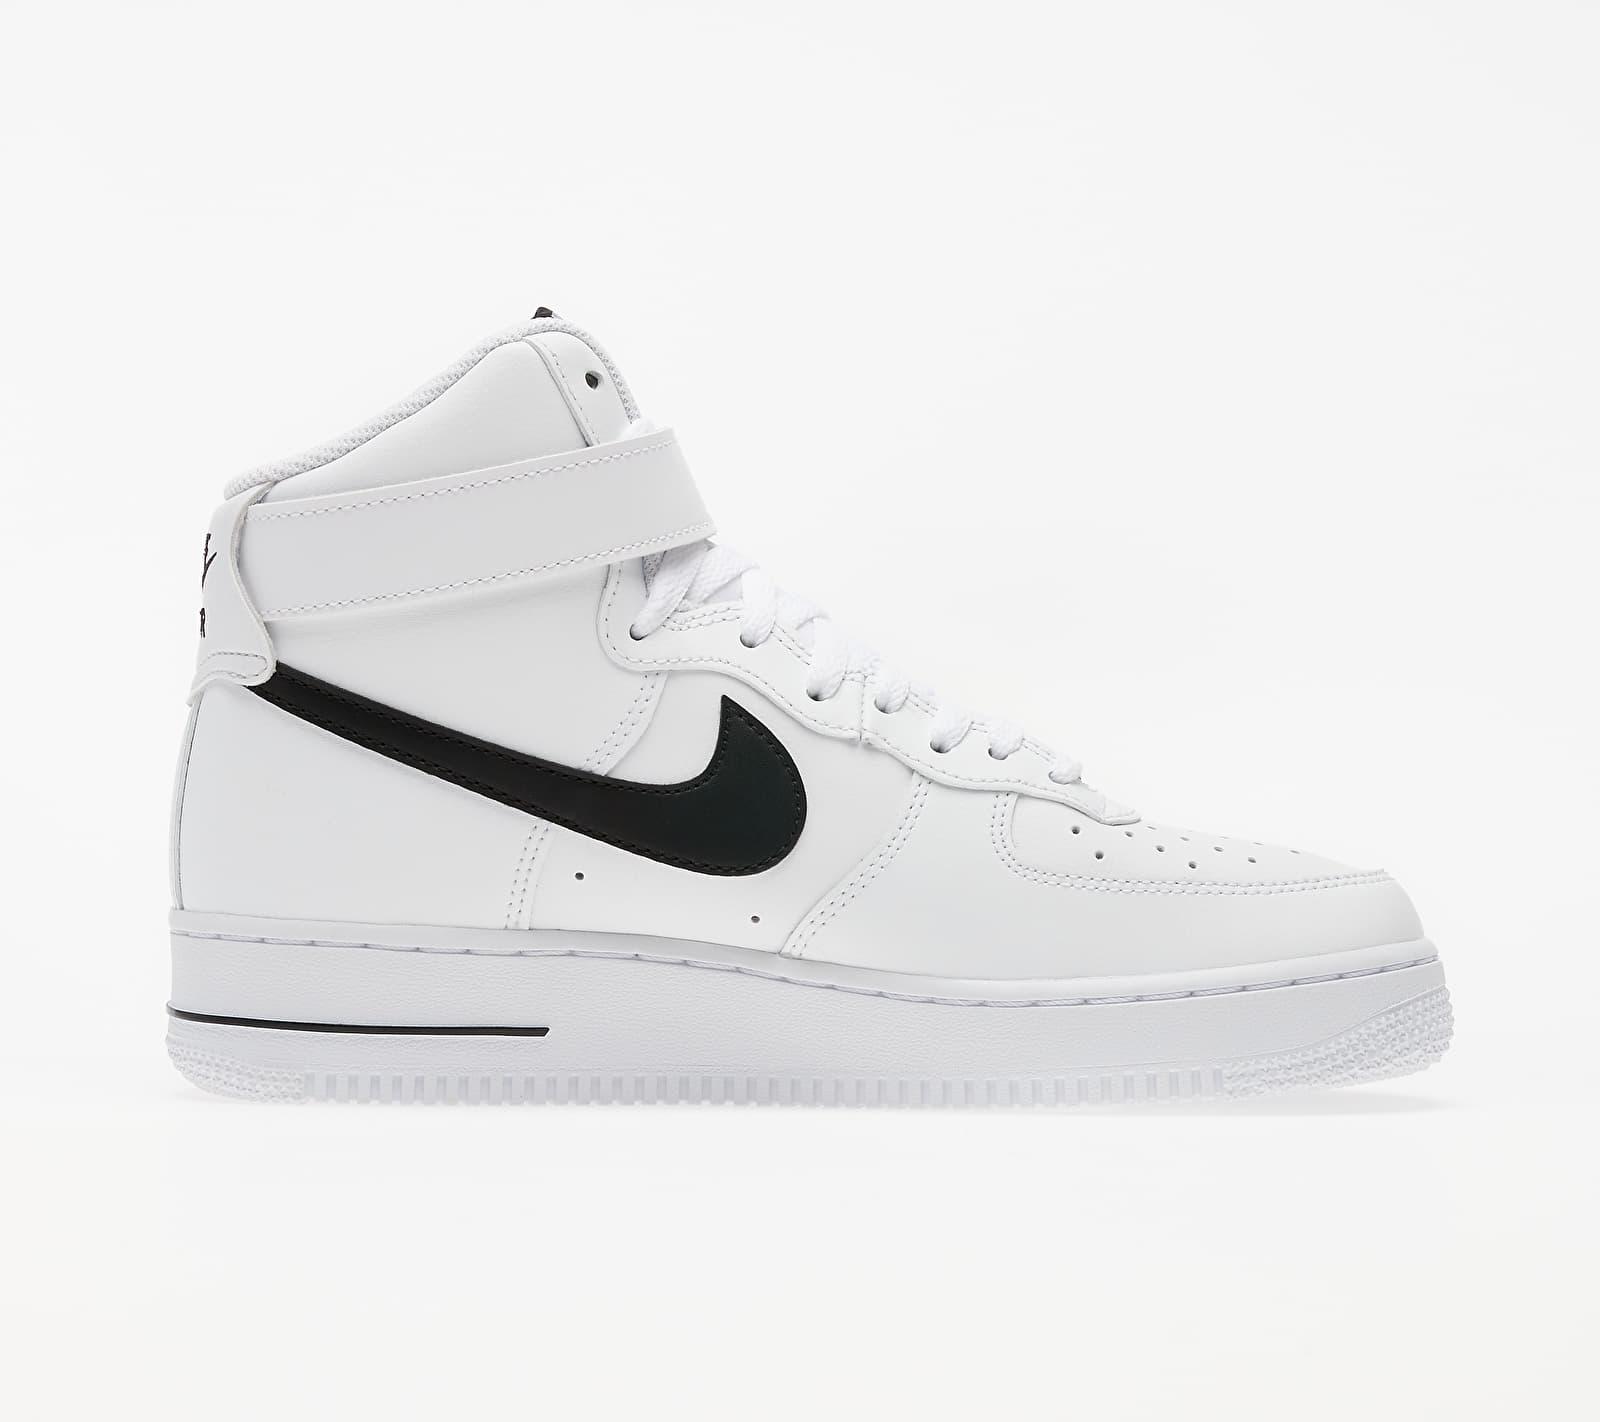 Nike Air Force 1 High '07 An20 White/ Black